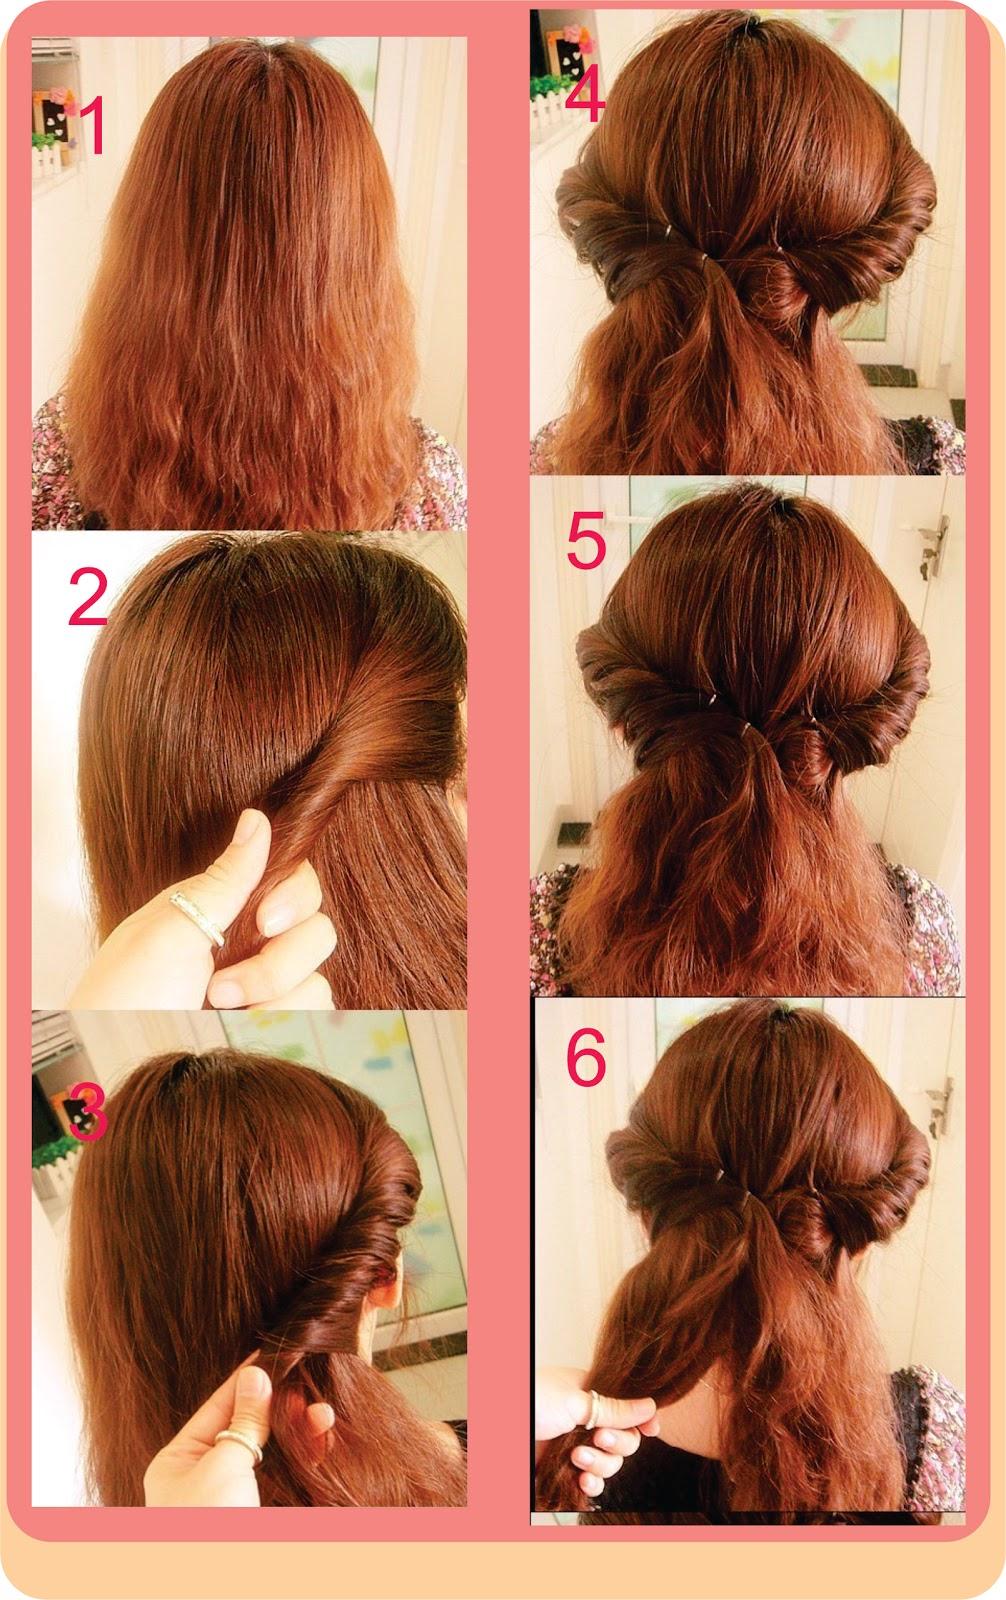 Peinados Sencillos Paso A Paso - 5 peinados fáciles paso a paso para diario Belleza